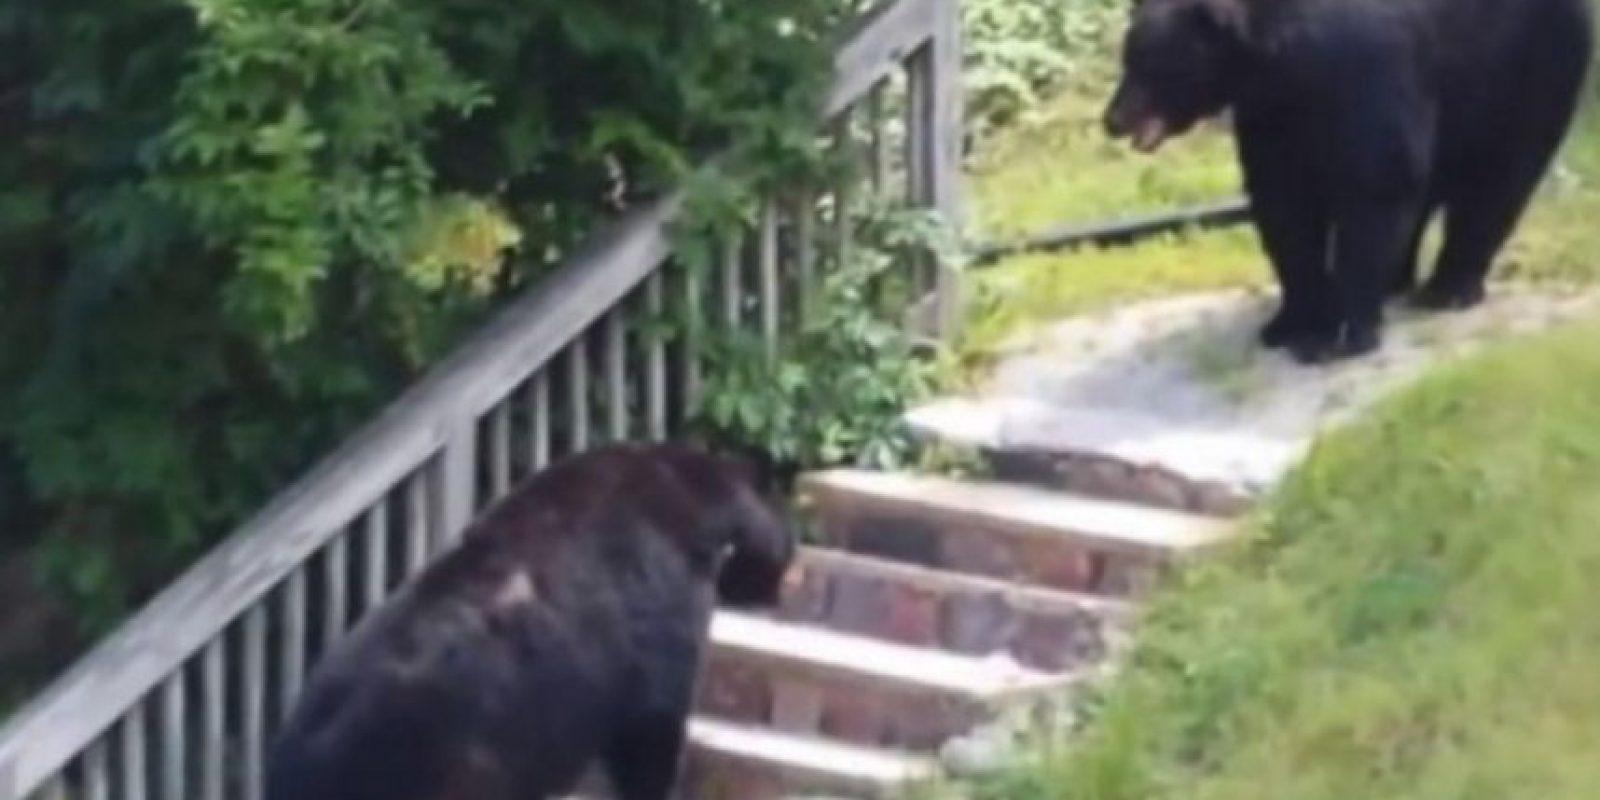 En octubre de 2014 se grabó una pelea entre dos osos negros en Nueva Jersey, Estados Unidos Foto:YouTube-Archivo